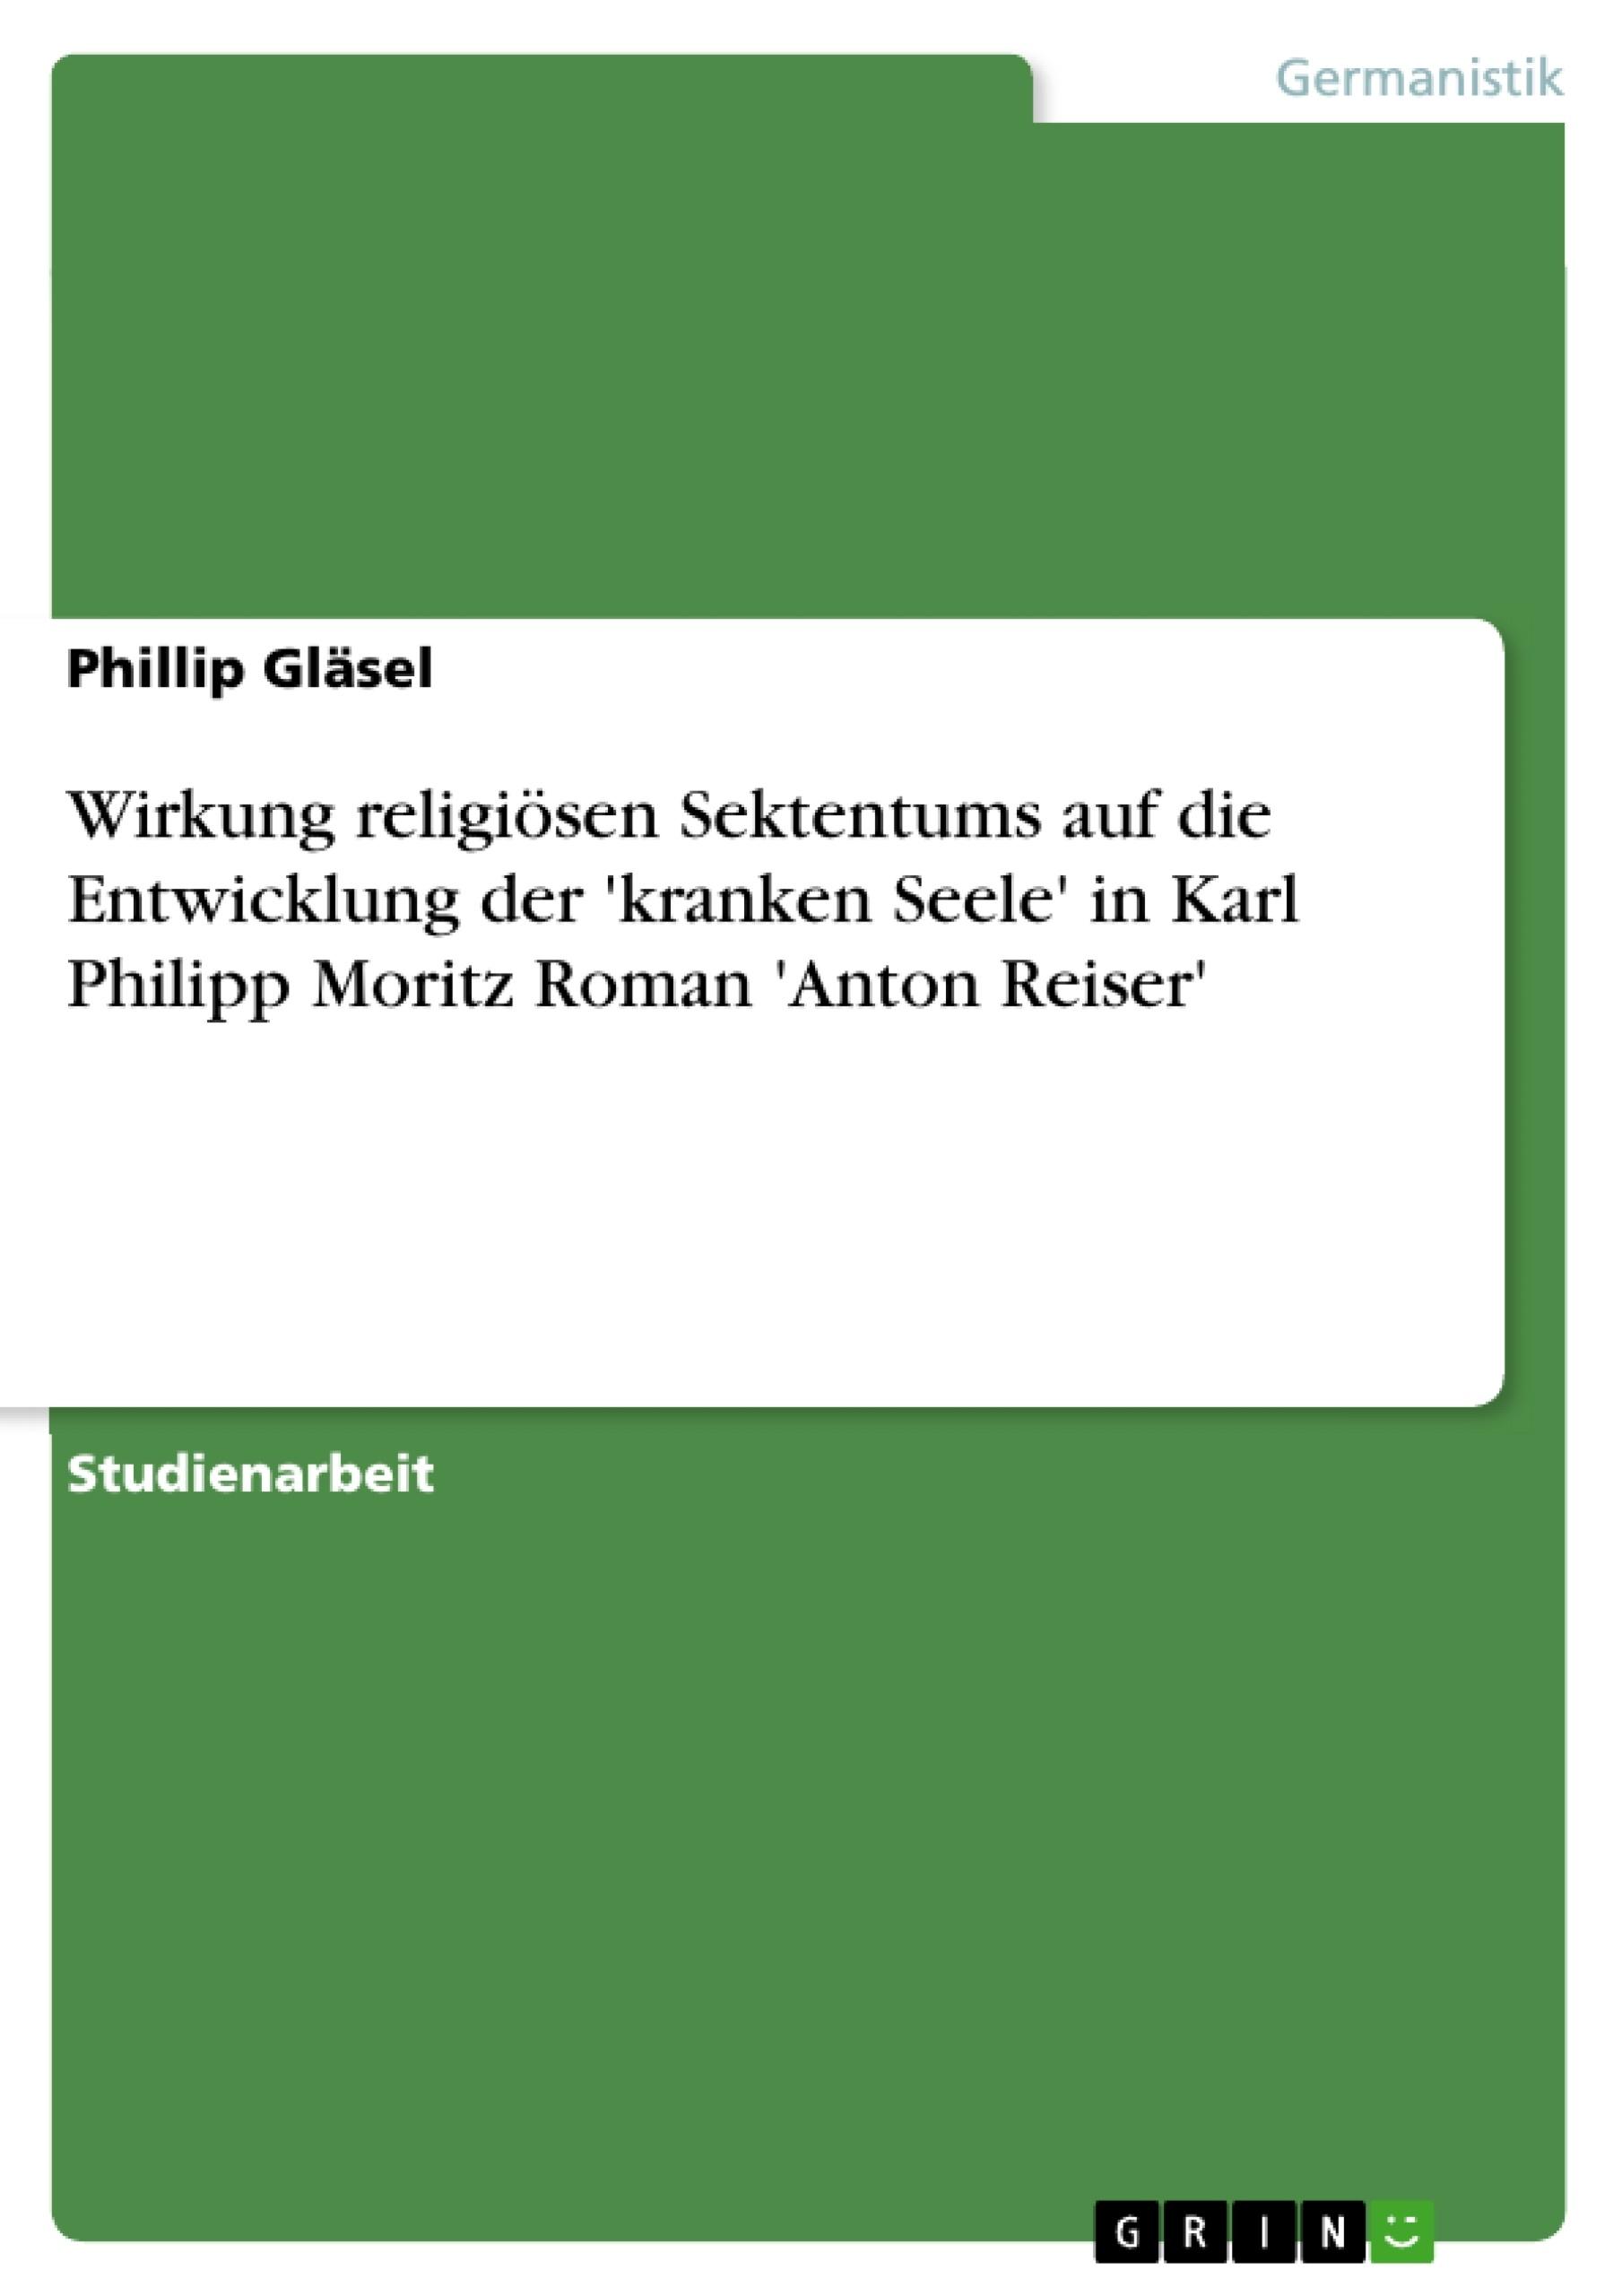 Titel: Wirkung religiösen Sektentums auf die Entwicklung der 'kranken Seele' in Karl Philipp Moritz Roman 'Anton Reiser'